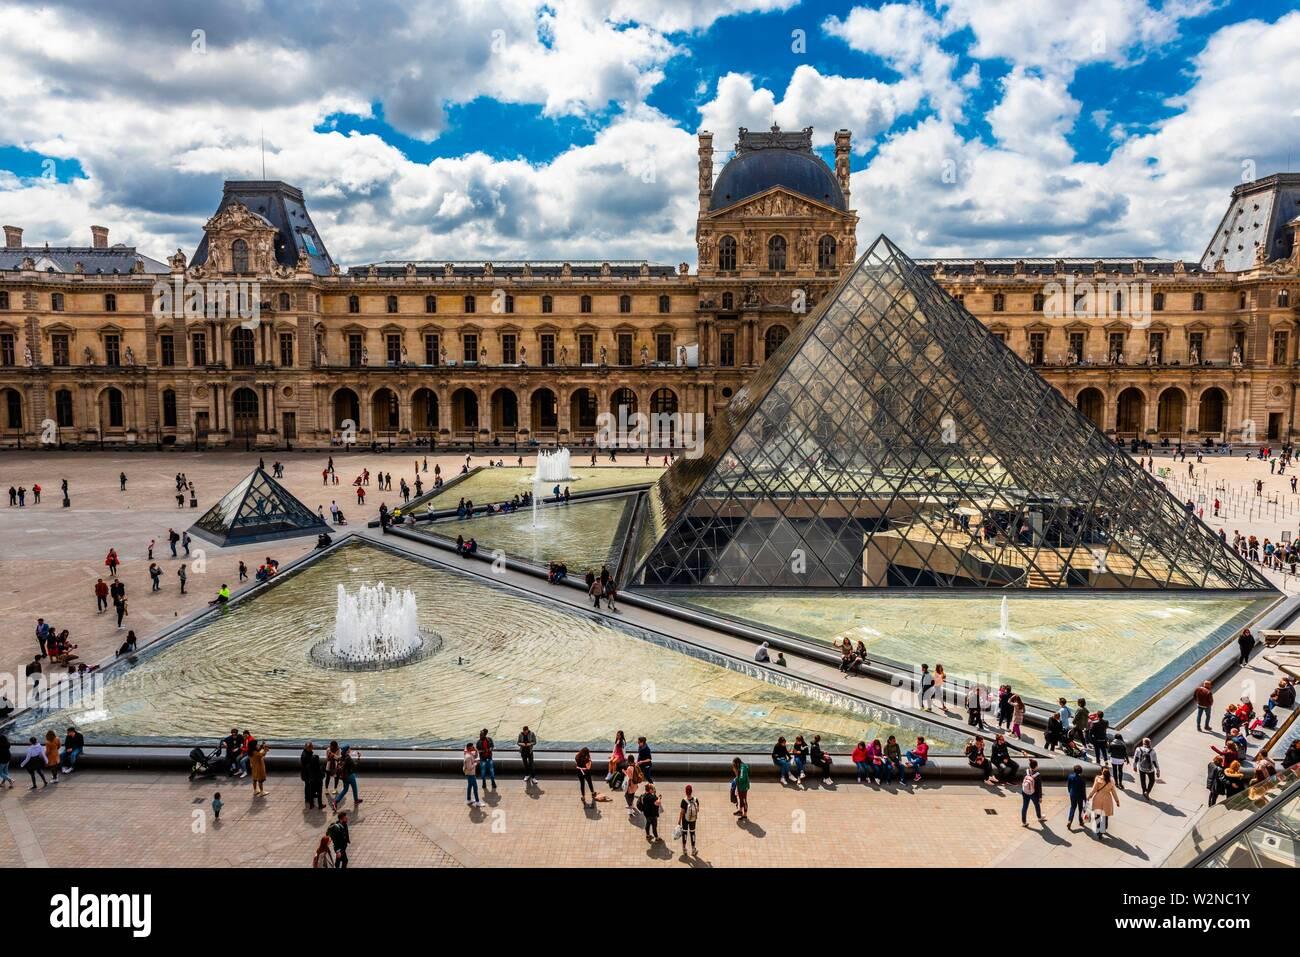 Der Louvre Pyramide (Pyramide du Louvre) ist eine große Pyramide aus Glas und Metall gestaltet von chinesisch-amerikanischen Architekten I.M.Pei, durch drei umgeben Stockfoto